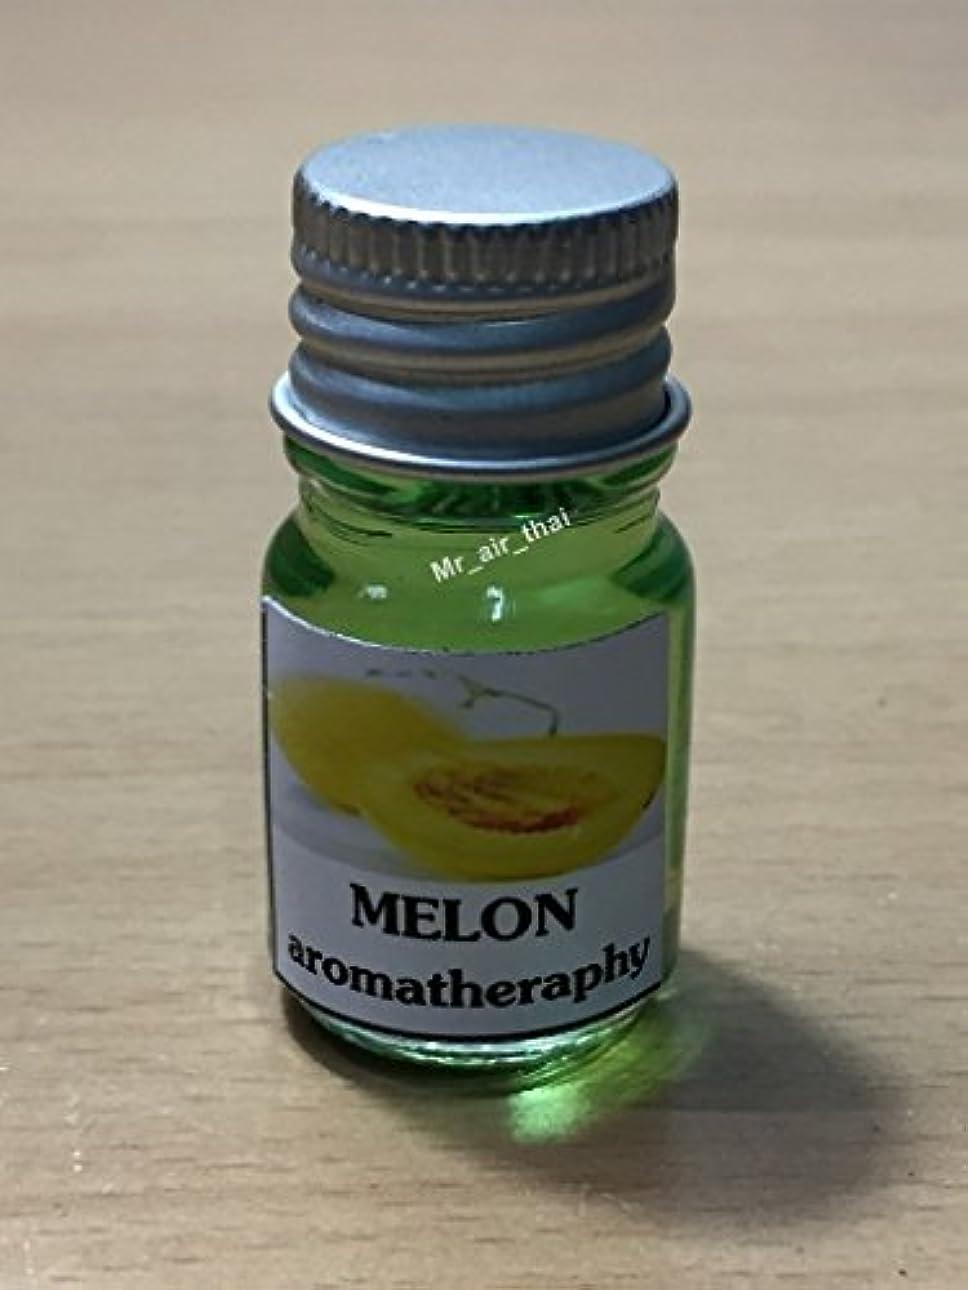 転用マーガレットミッチェルワイヤー5ミリリットルアロマメロンフランクインセンスエッセンシャルオイルボトルアロマテラピーオイル自然自然5ml Aroma Melon Frankincense Essential Oil Bottles Aromatherapy...